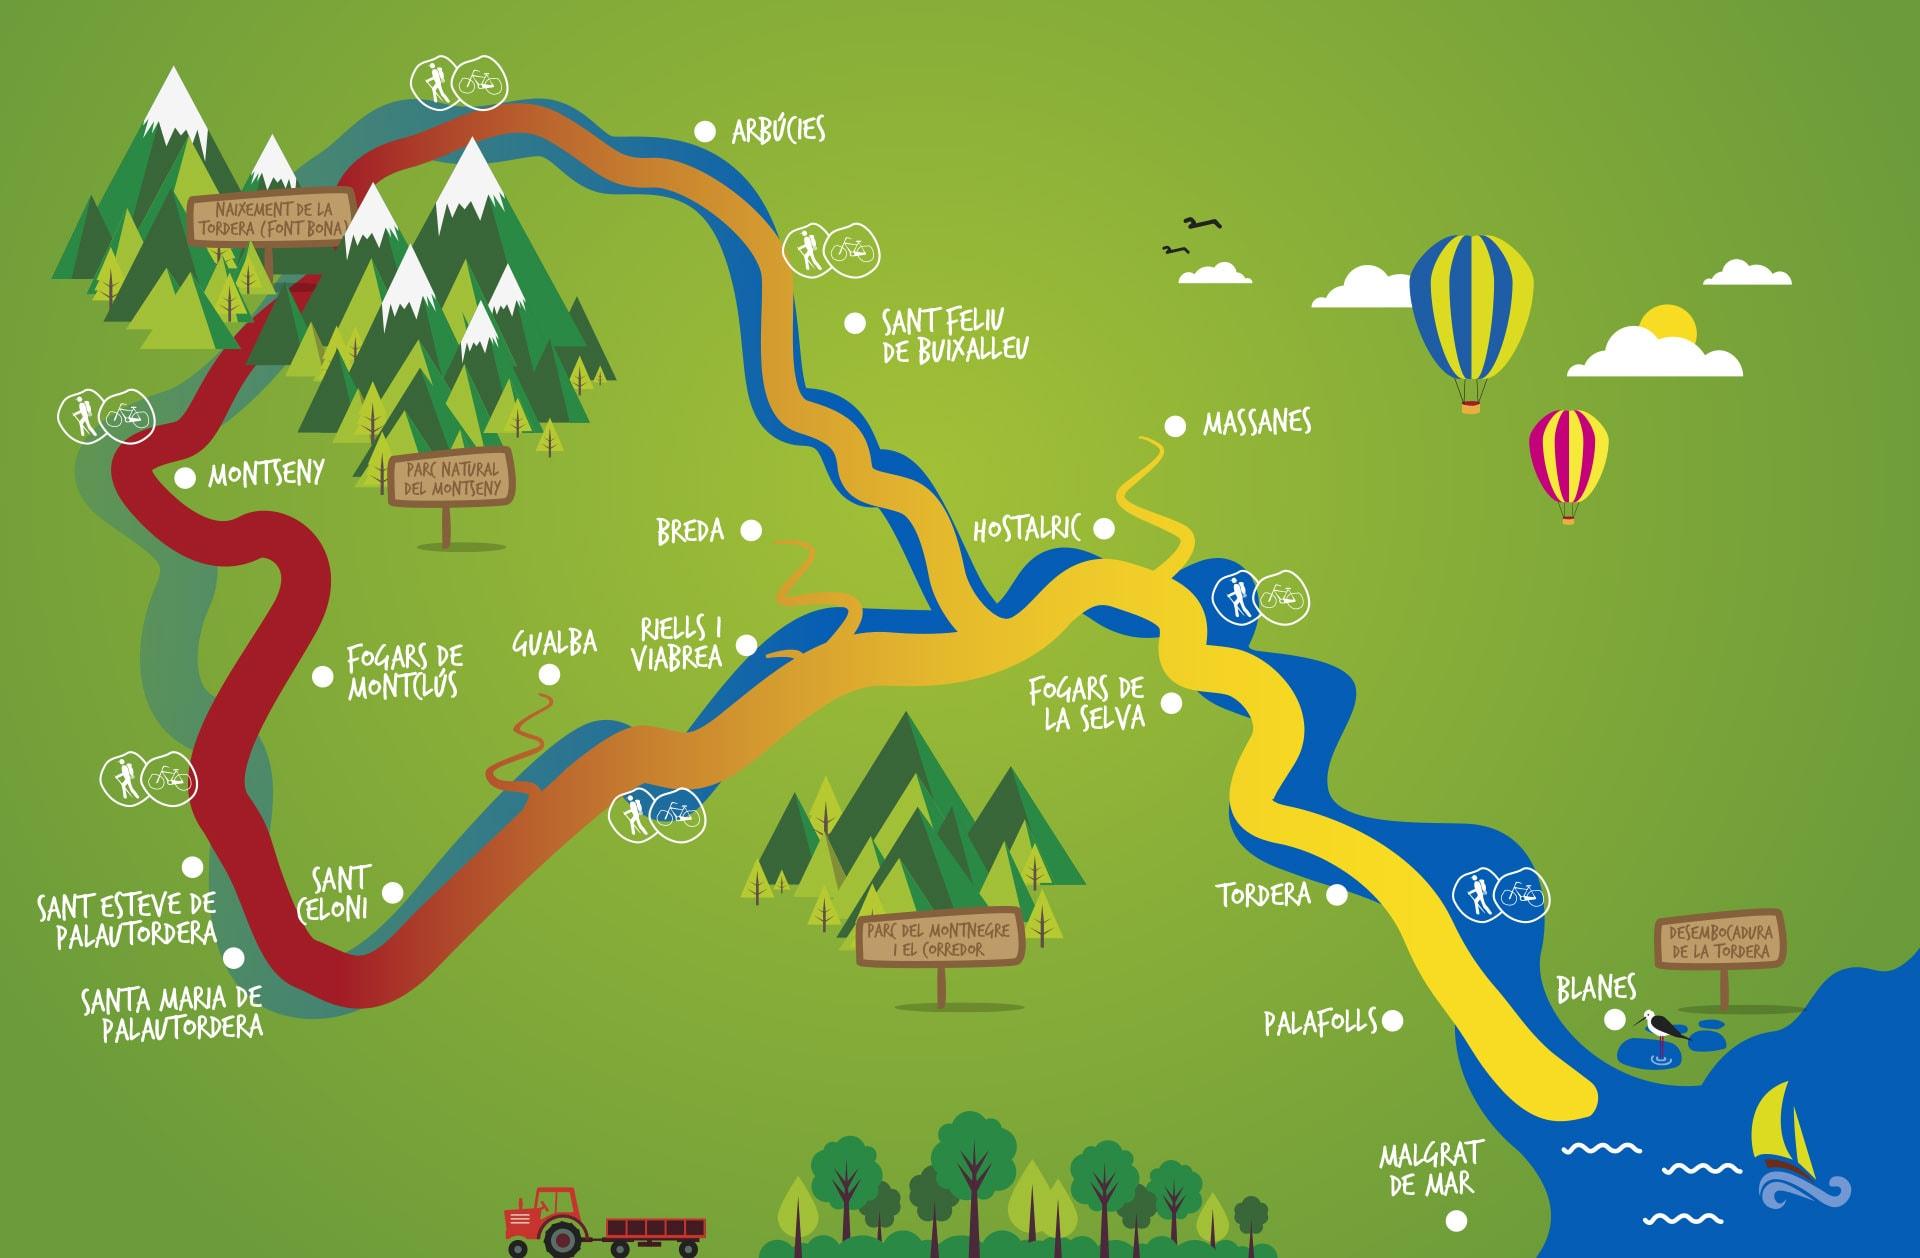 mapa_ok_tourdera